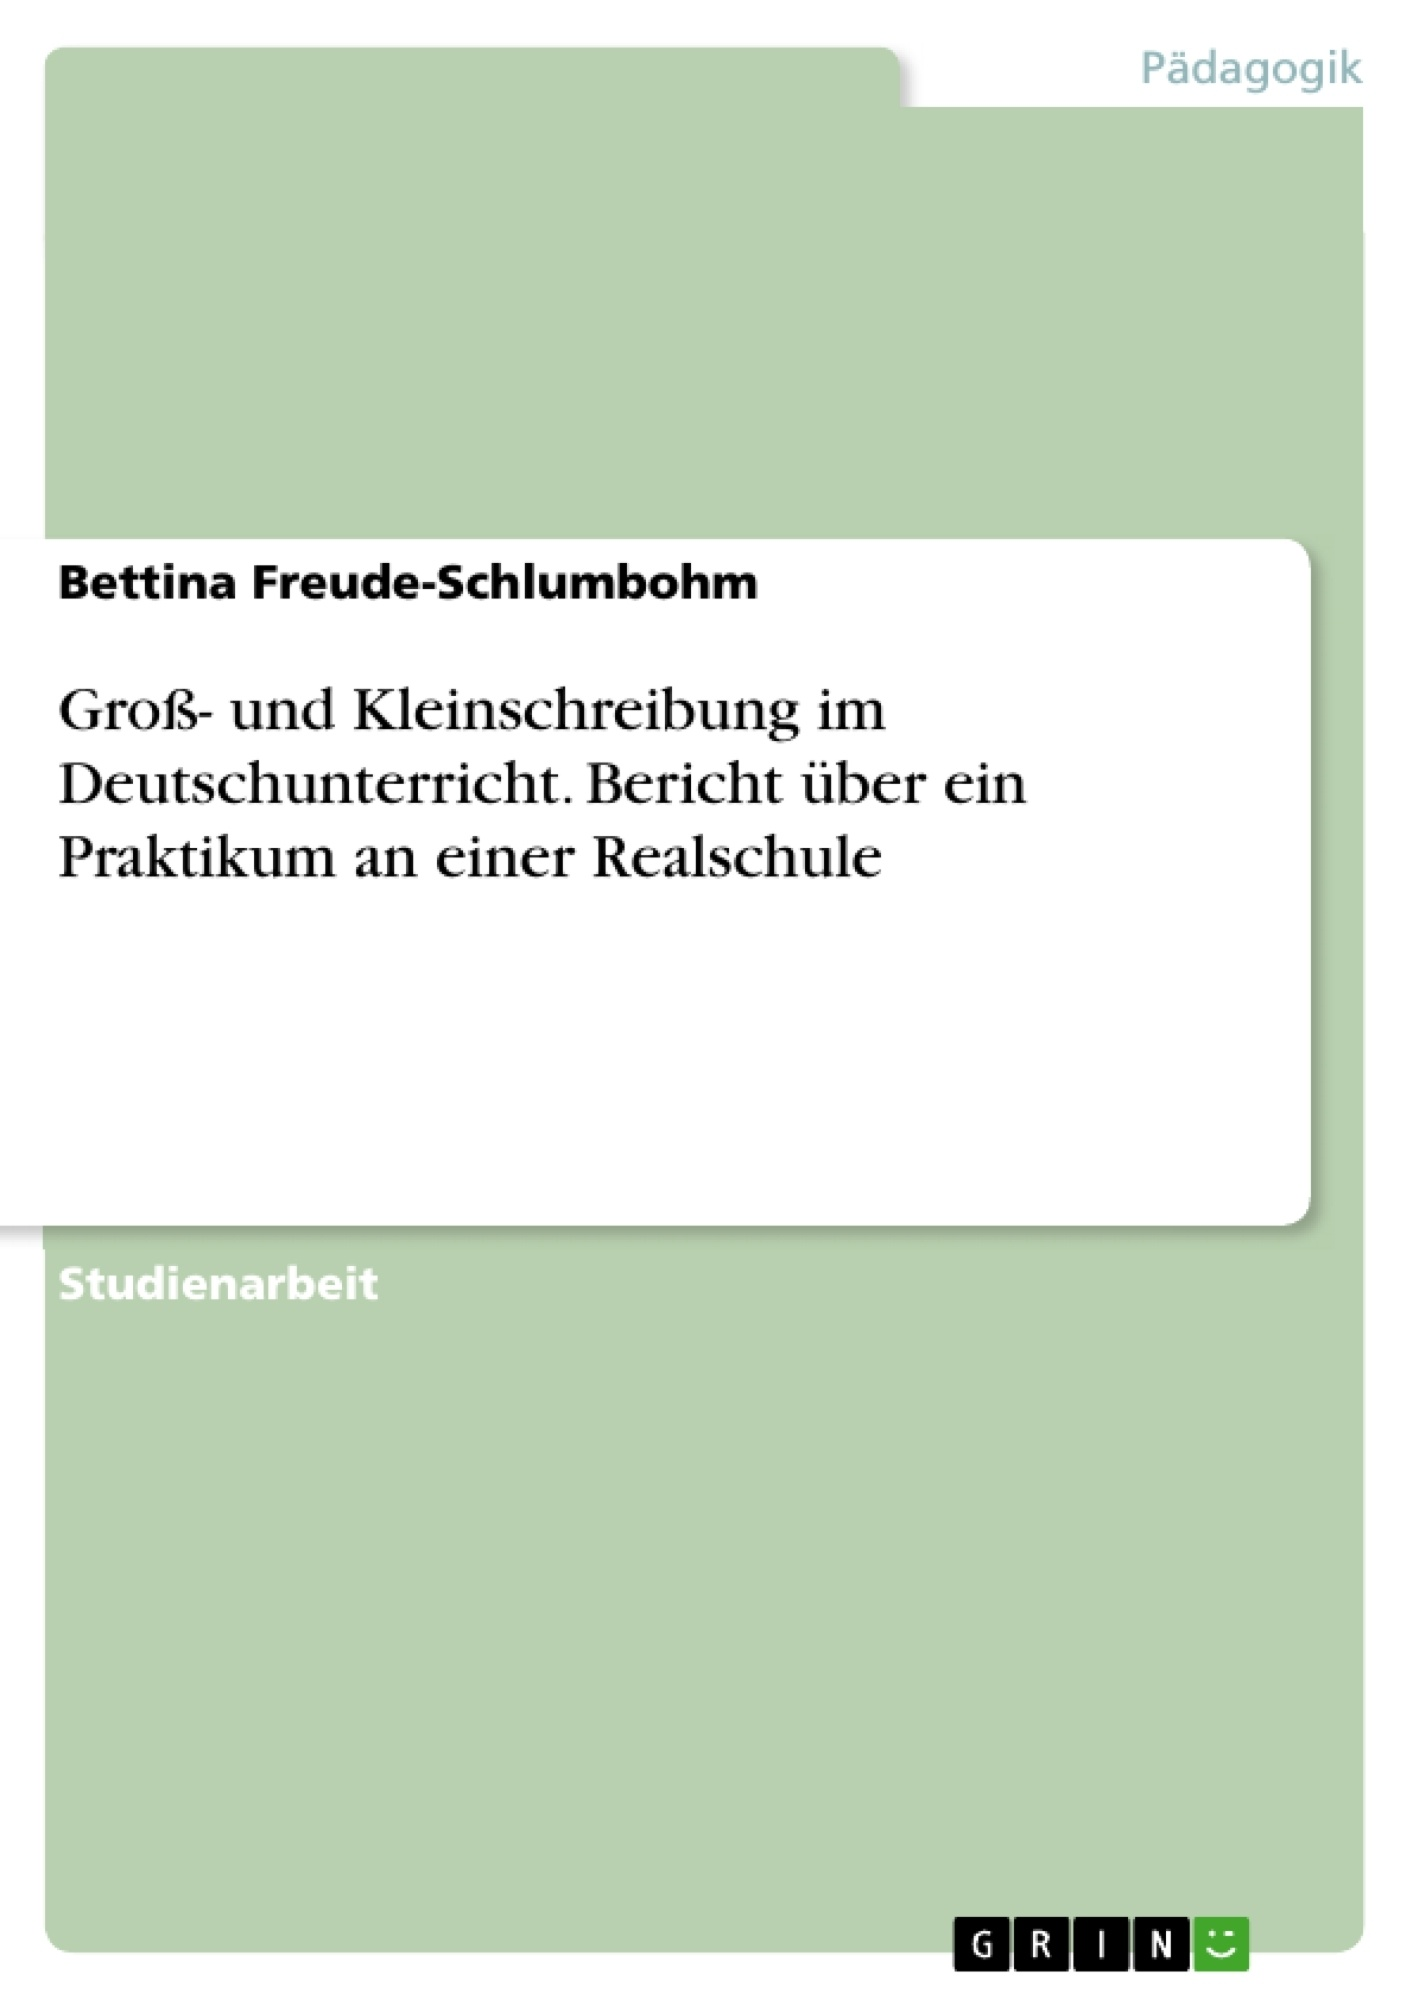 Titel: Groß- und Kleinschreibung im Deutschunterricht. Bericht über ein Praktikum an einer Realschule